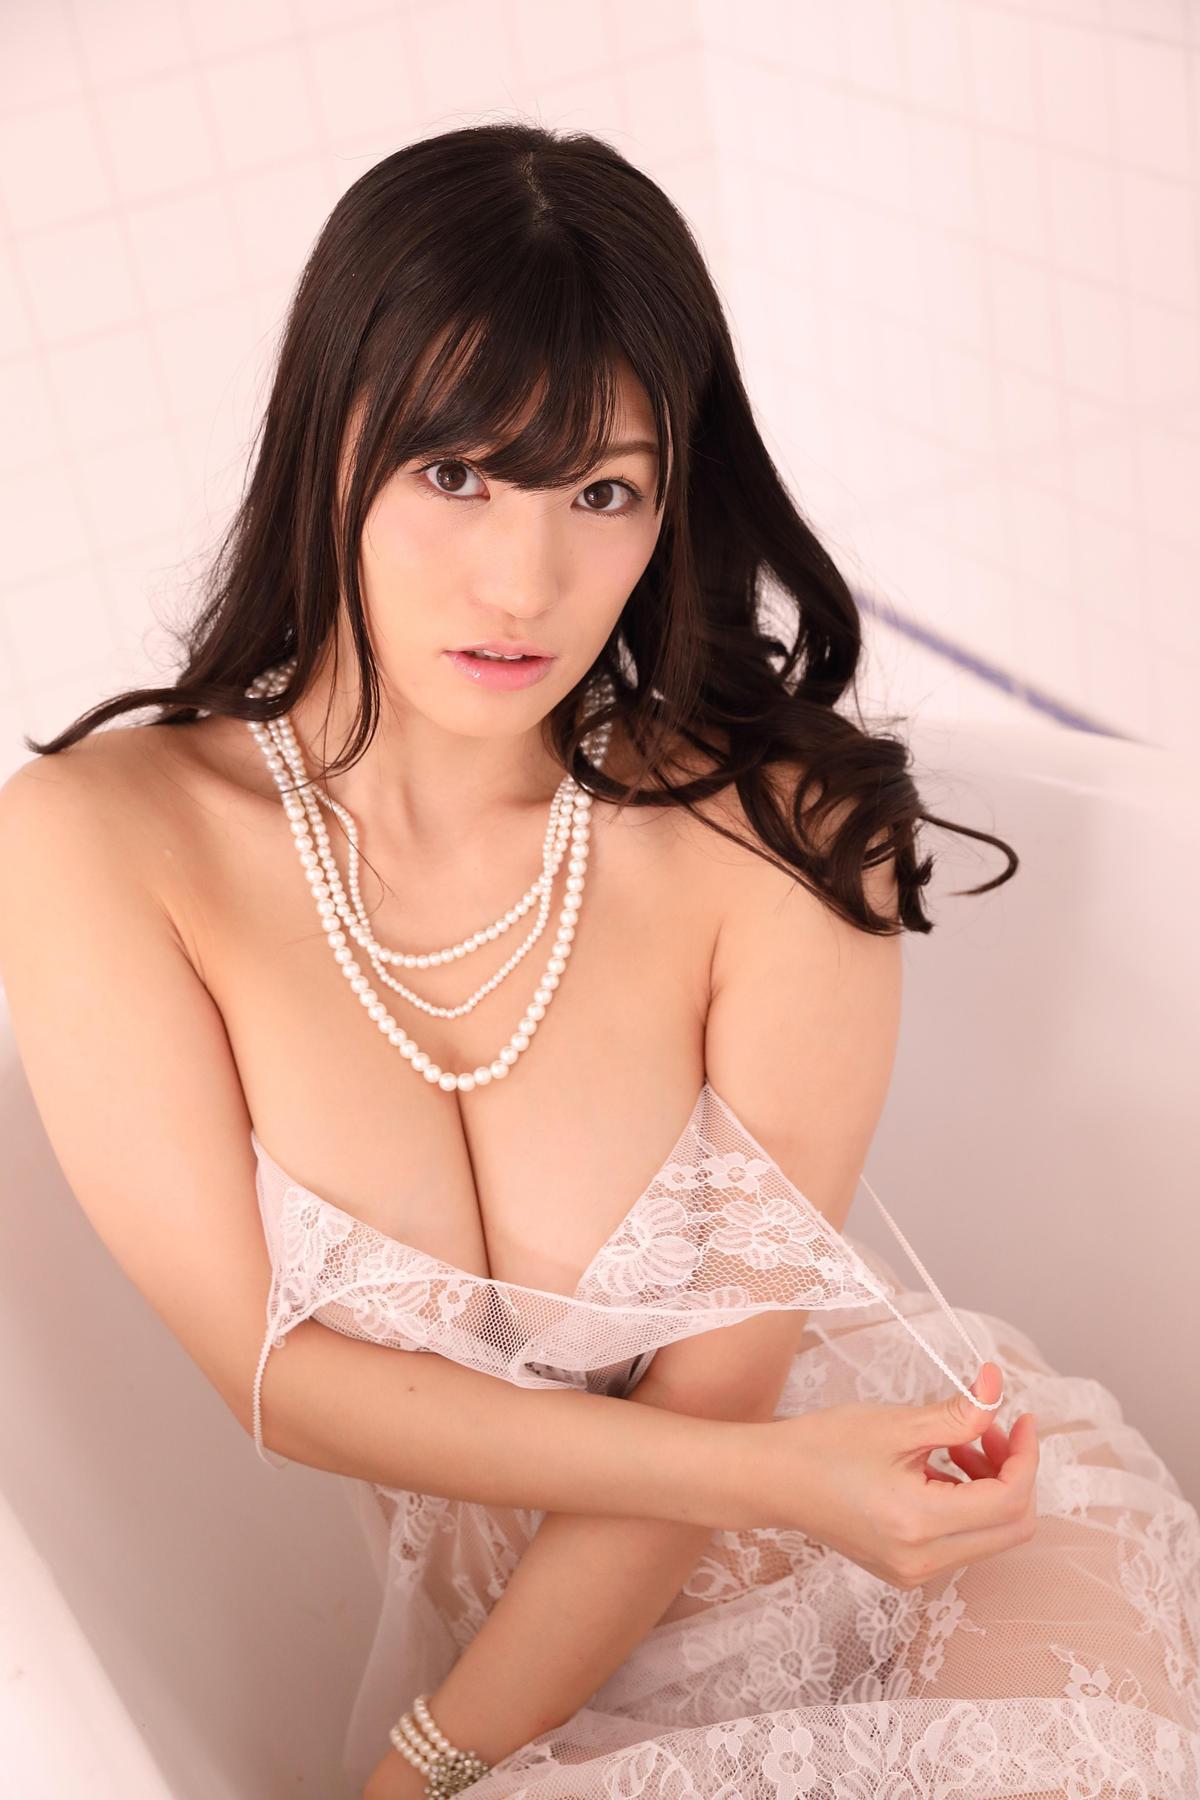 日本AV女優高橋聖子長相甜美,擁有傲人G奶,曾被譽為「未來寫真巨乳偶像界的救世主」。(禾力文創提供)